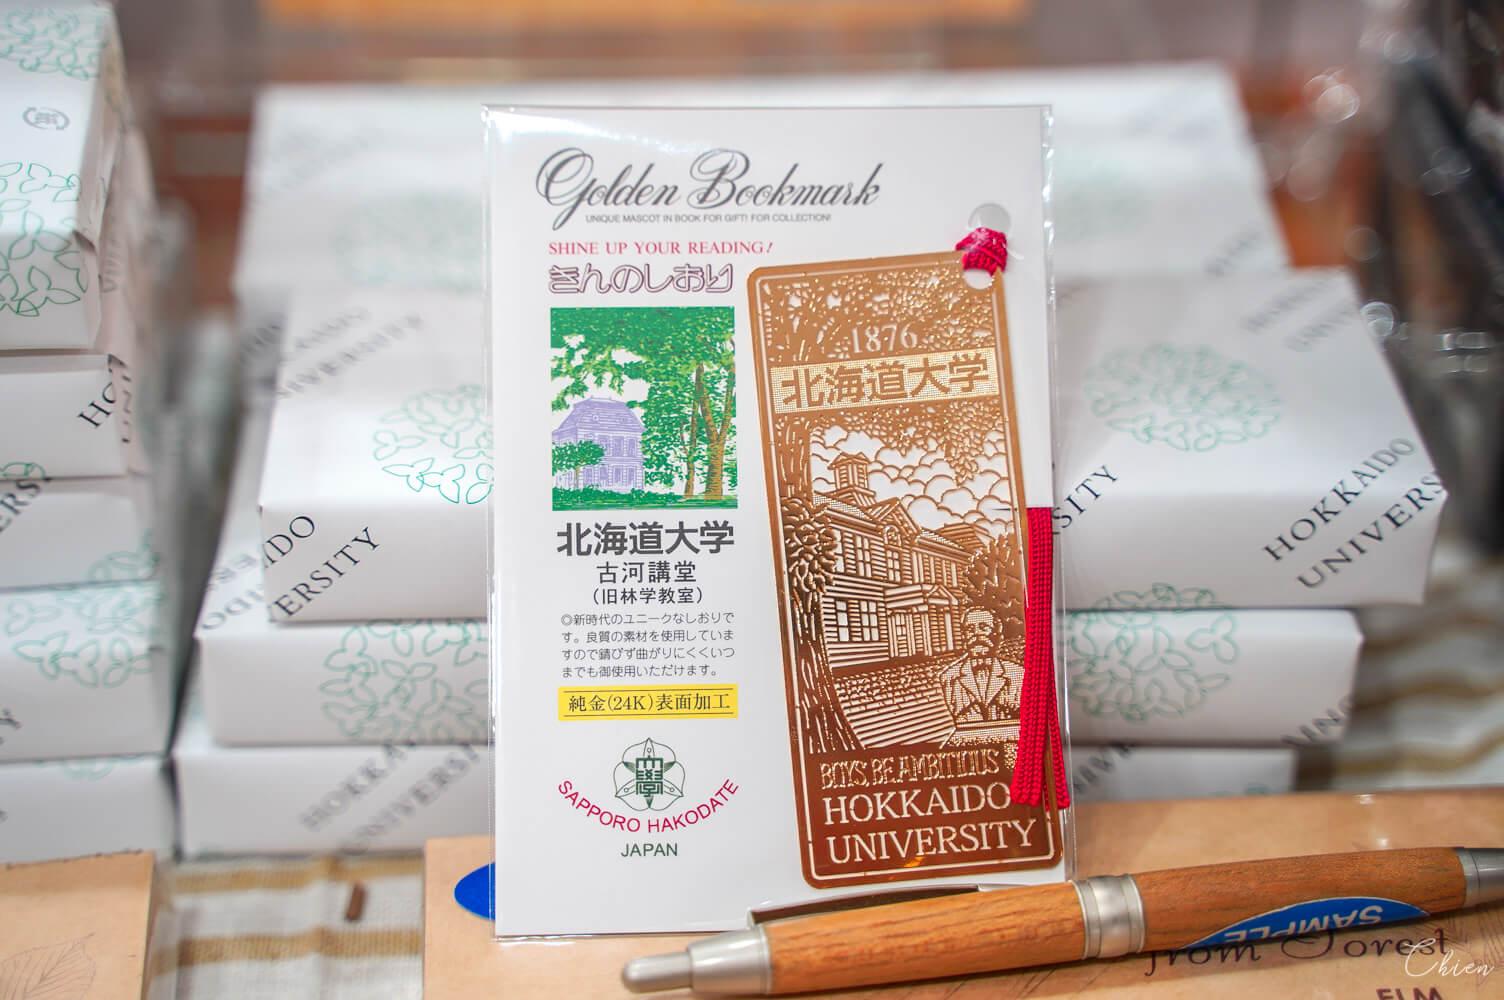 札幌北海道大學周邊商品